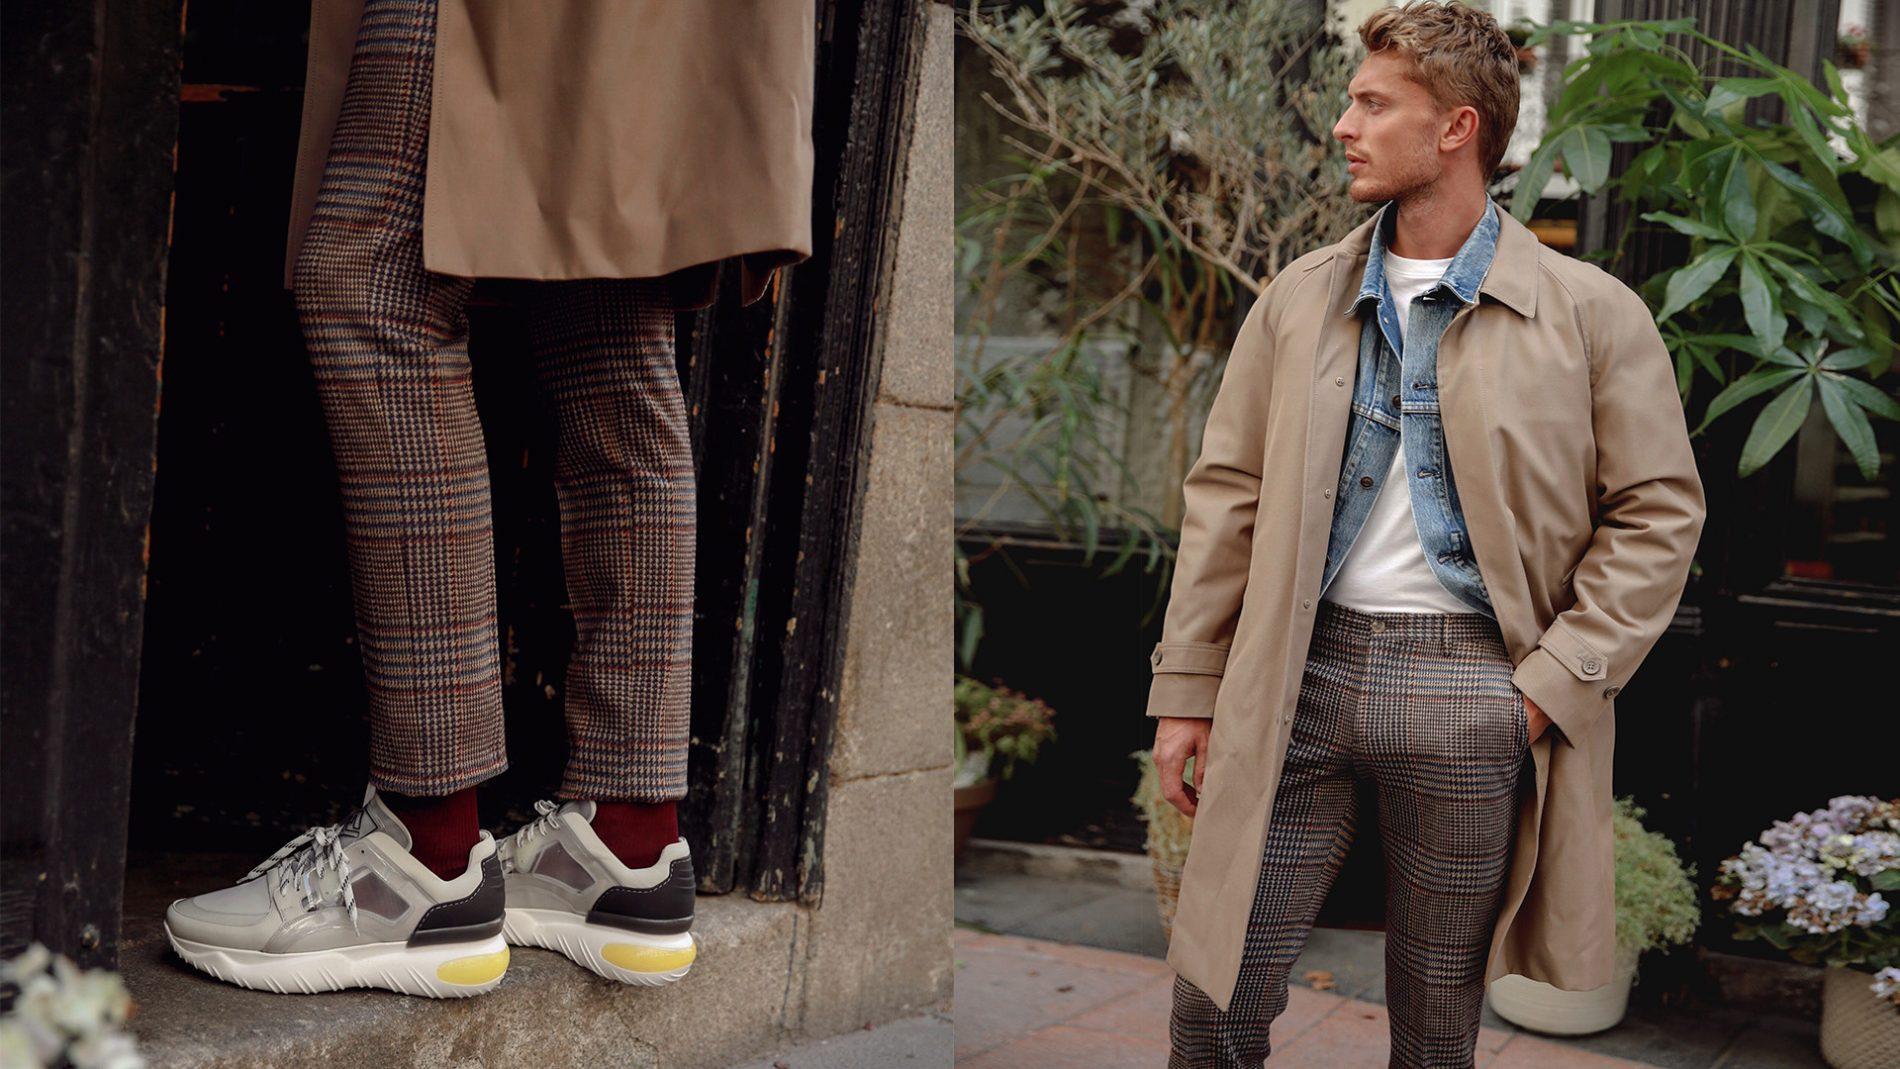 El Corte Inglés Menswear Sneakers Fendi Balenciaga Etro Herno